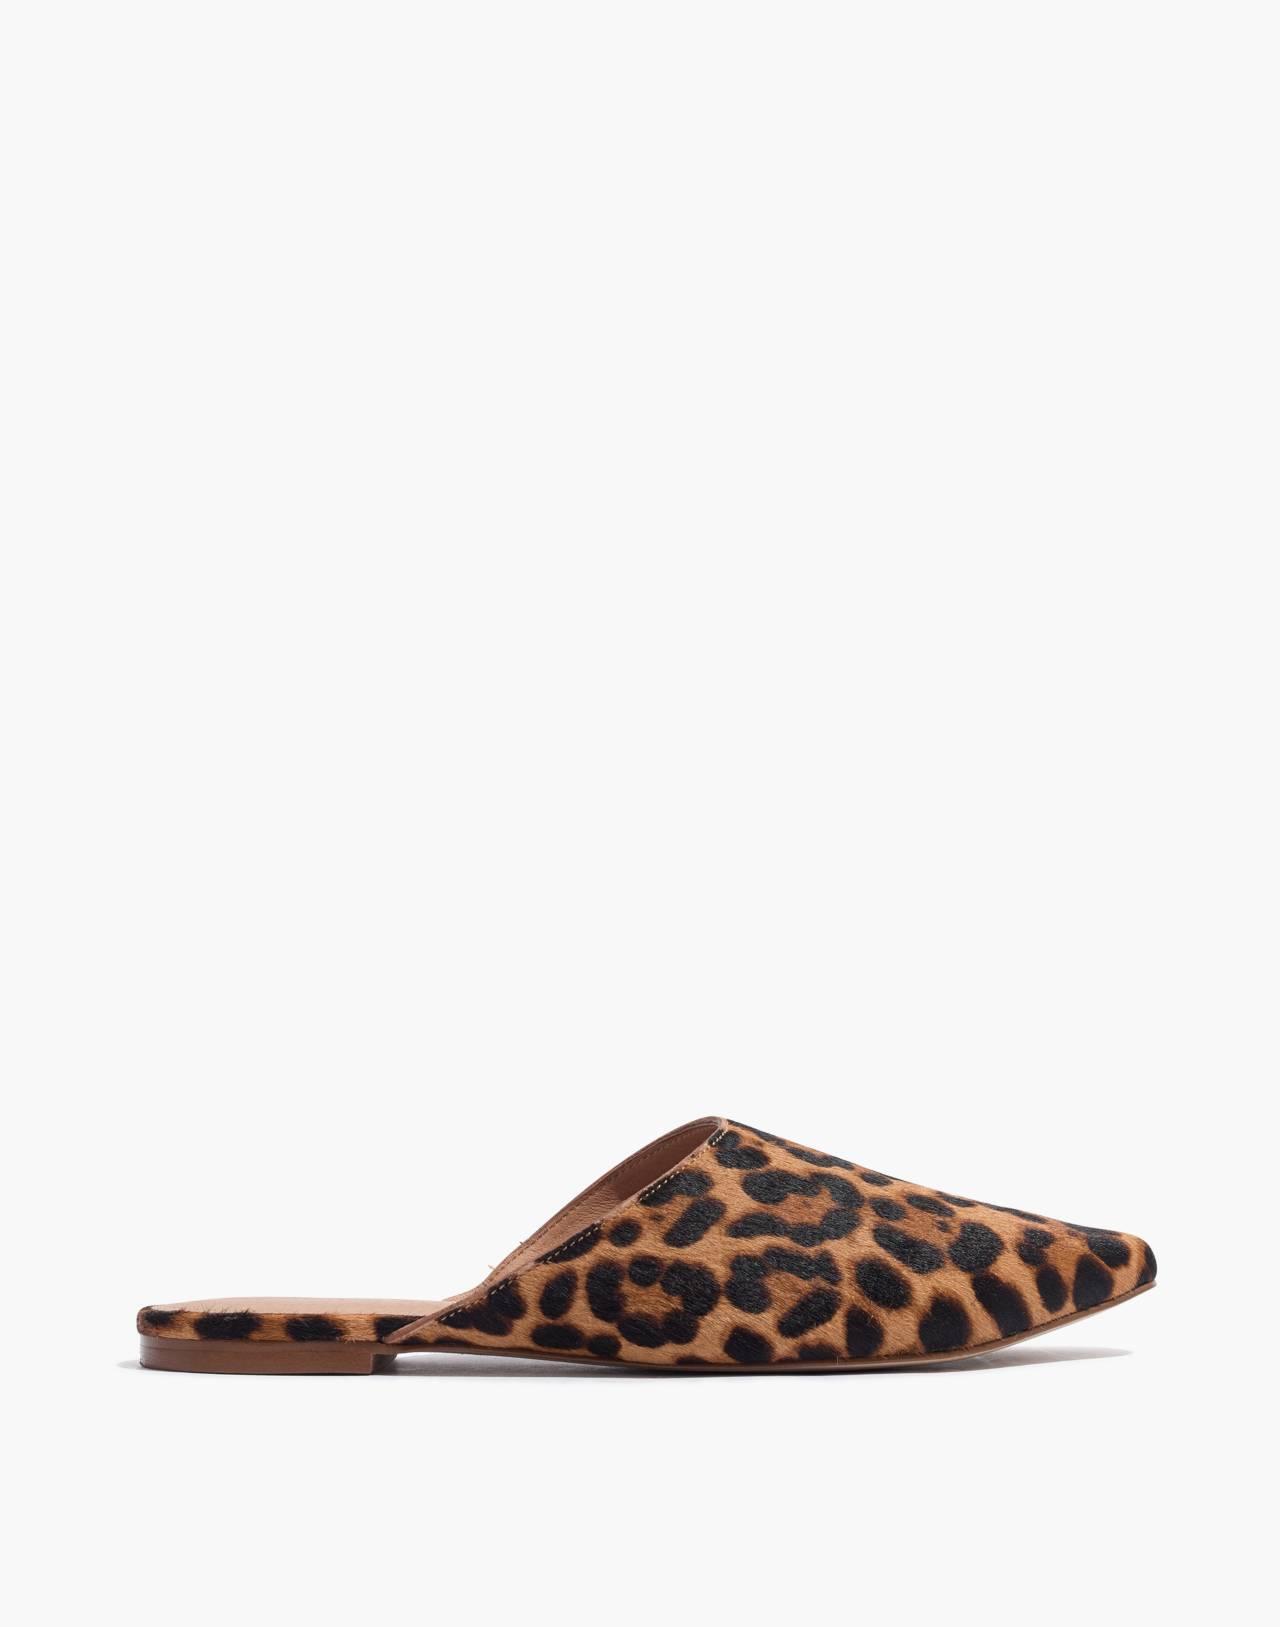 The Remi Mule in Leopard Calf Hair in truffle multi image 3